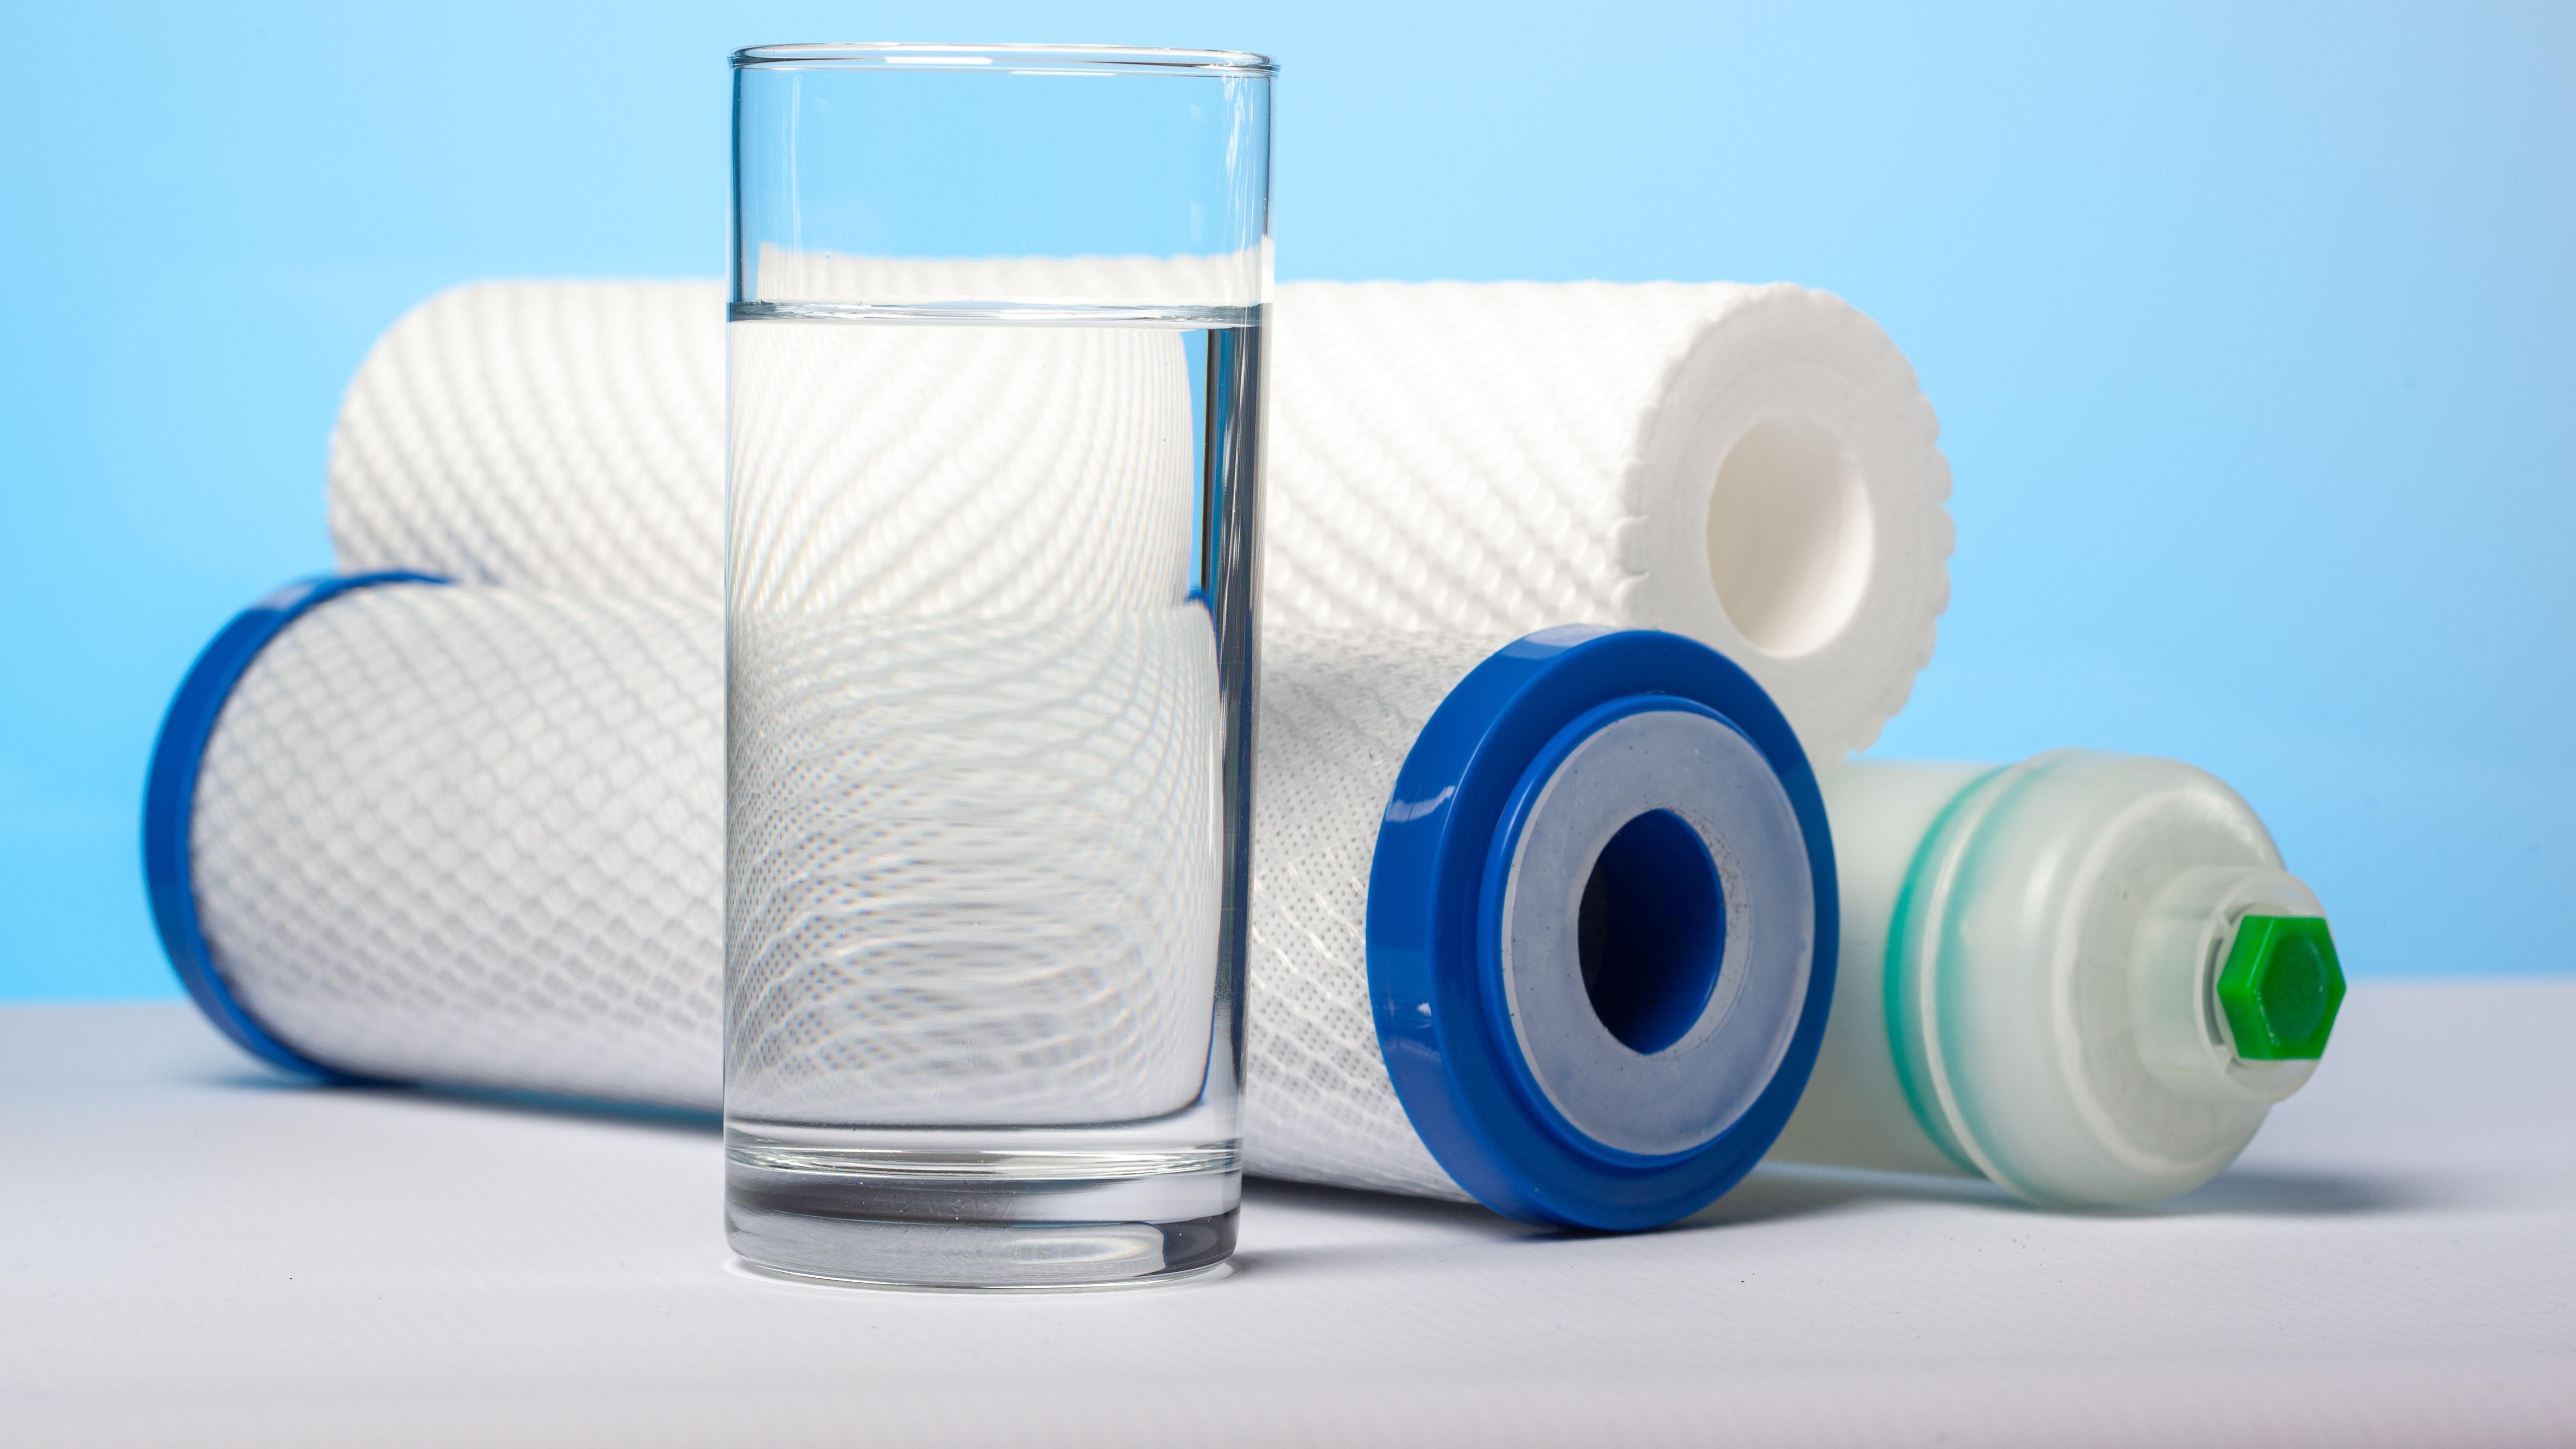 Comment choisir son système de filtration d'eau